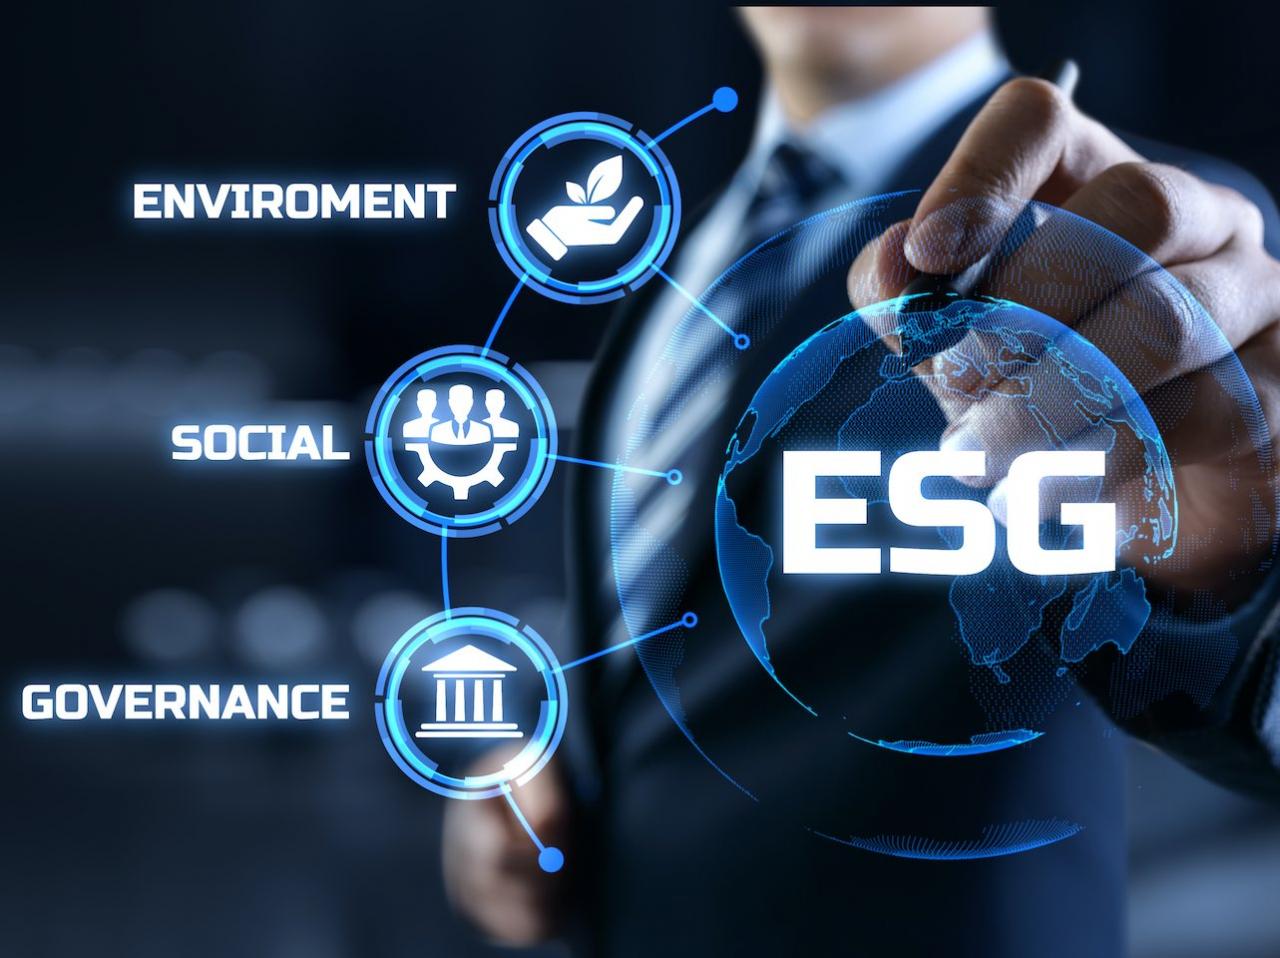 Geschäftsmann hinter dem Kürzel ESG und den Begriffen